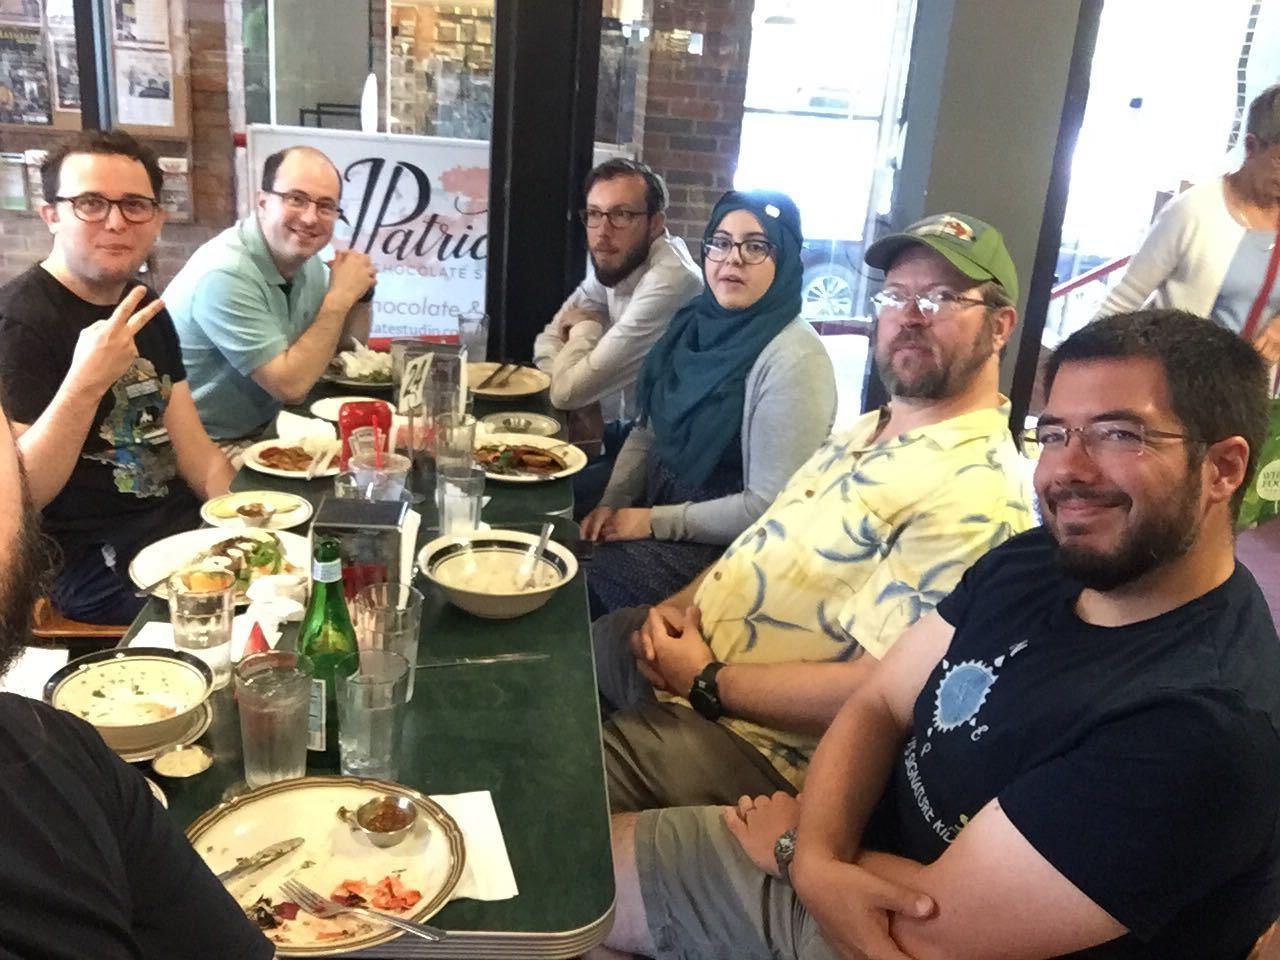 Group of Drupalers enjoy lunch together